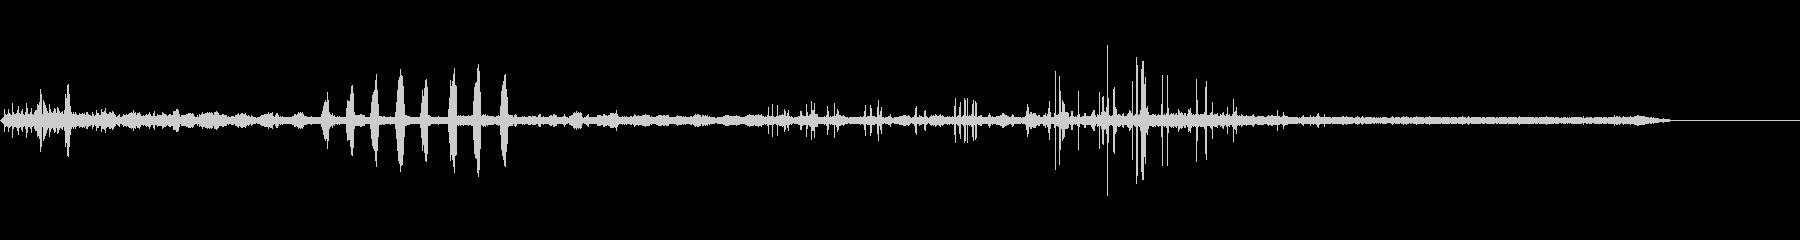 フライングダックの未再生の波形